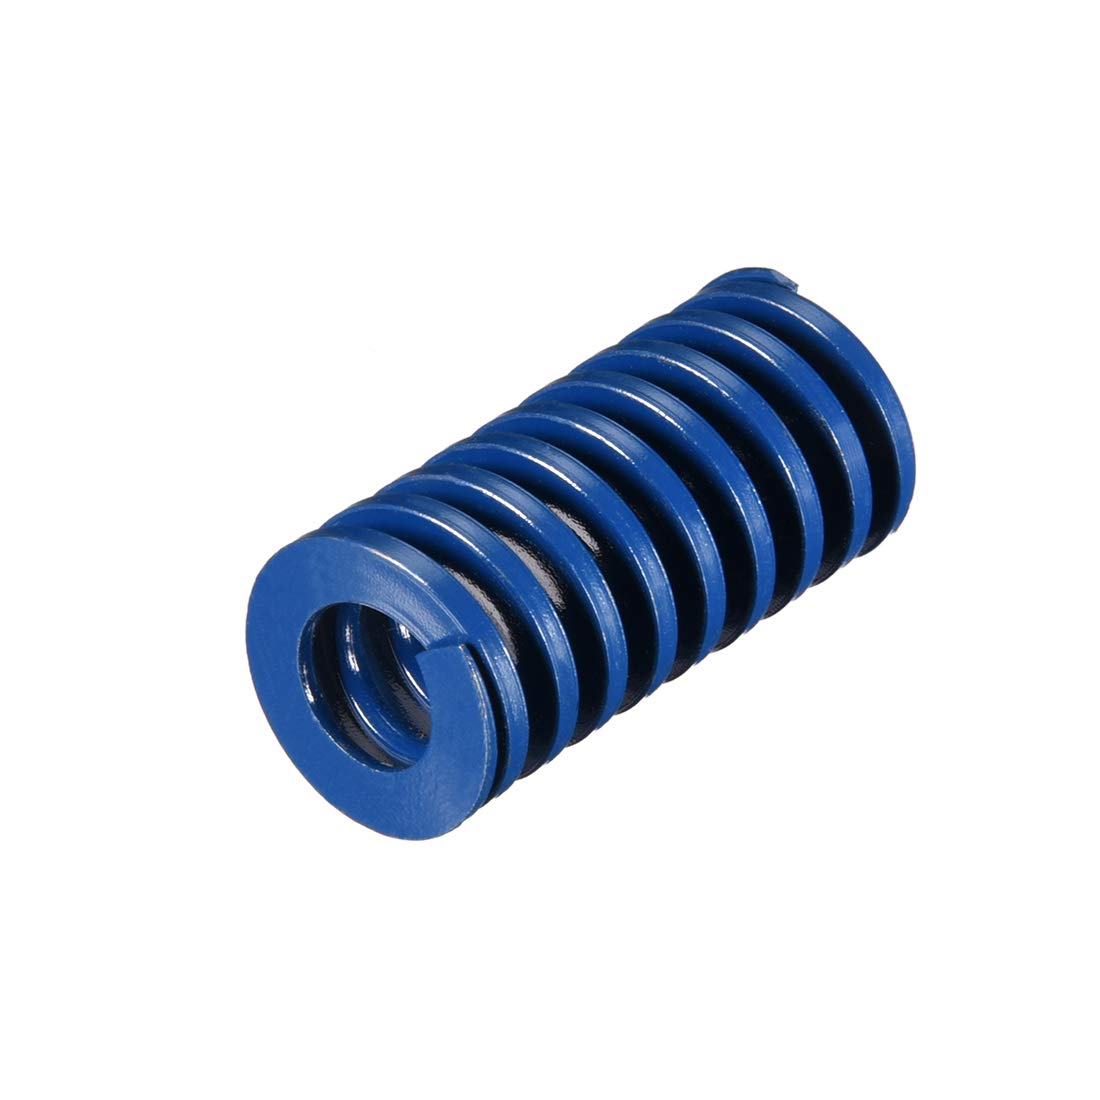 sourcing map 20mm OD 50mm Long Spiral Stamping Light Load Compression Mould Die Spring Blue 1Pcs